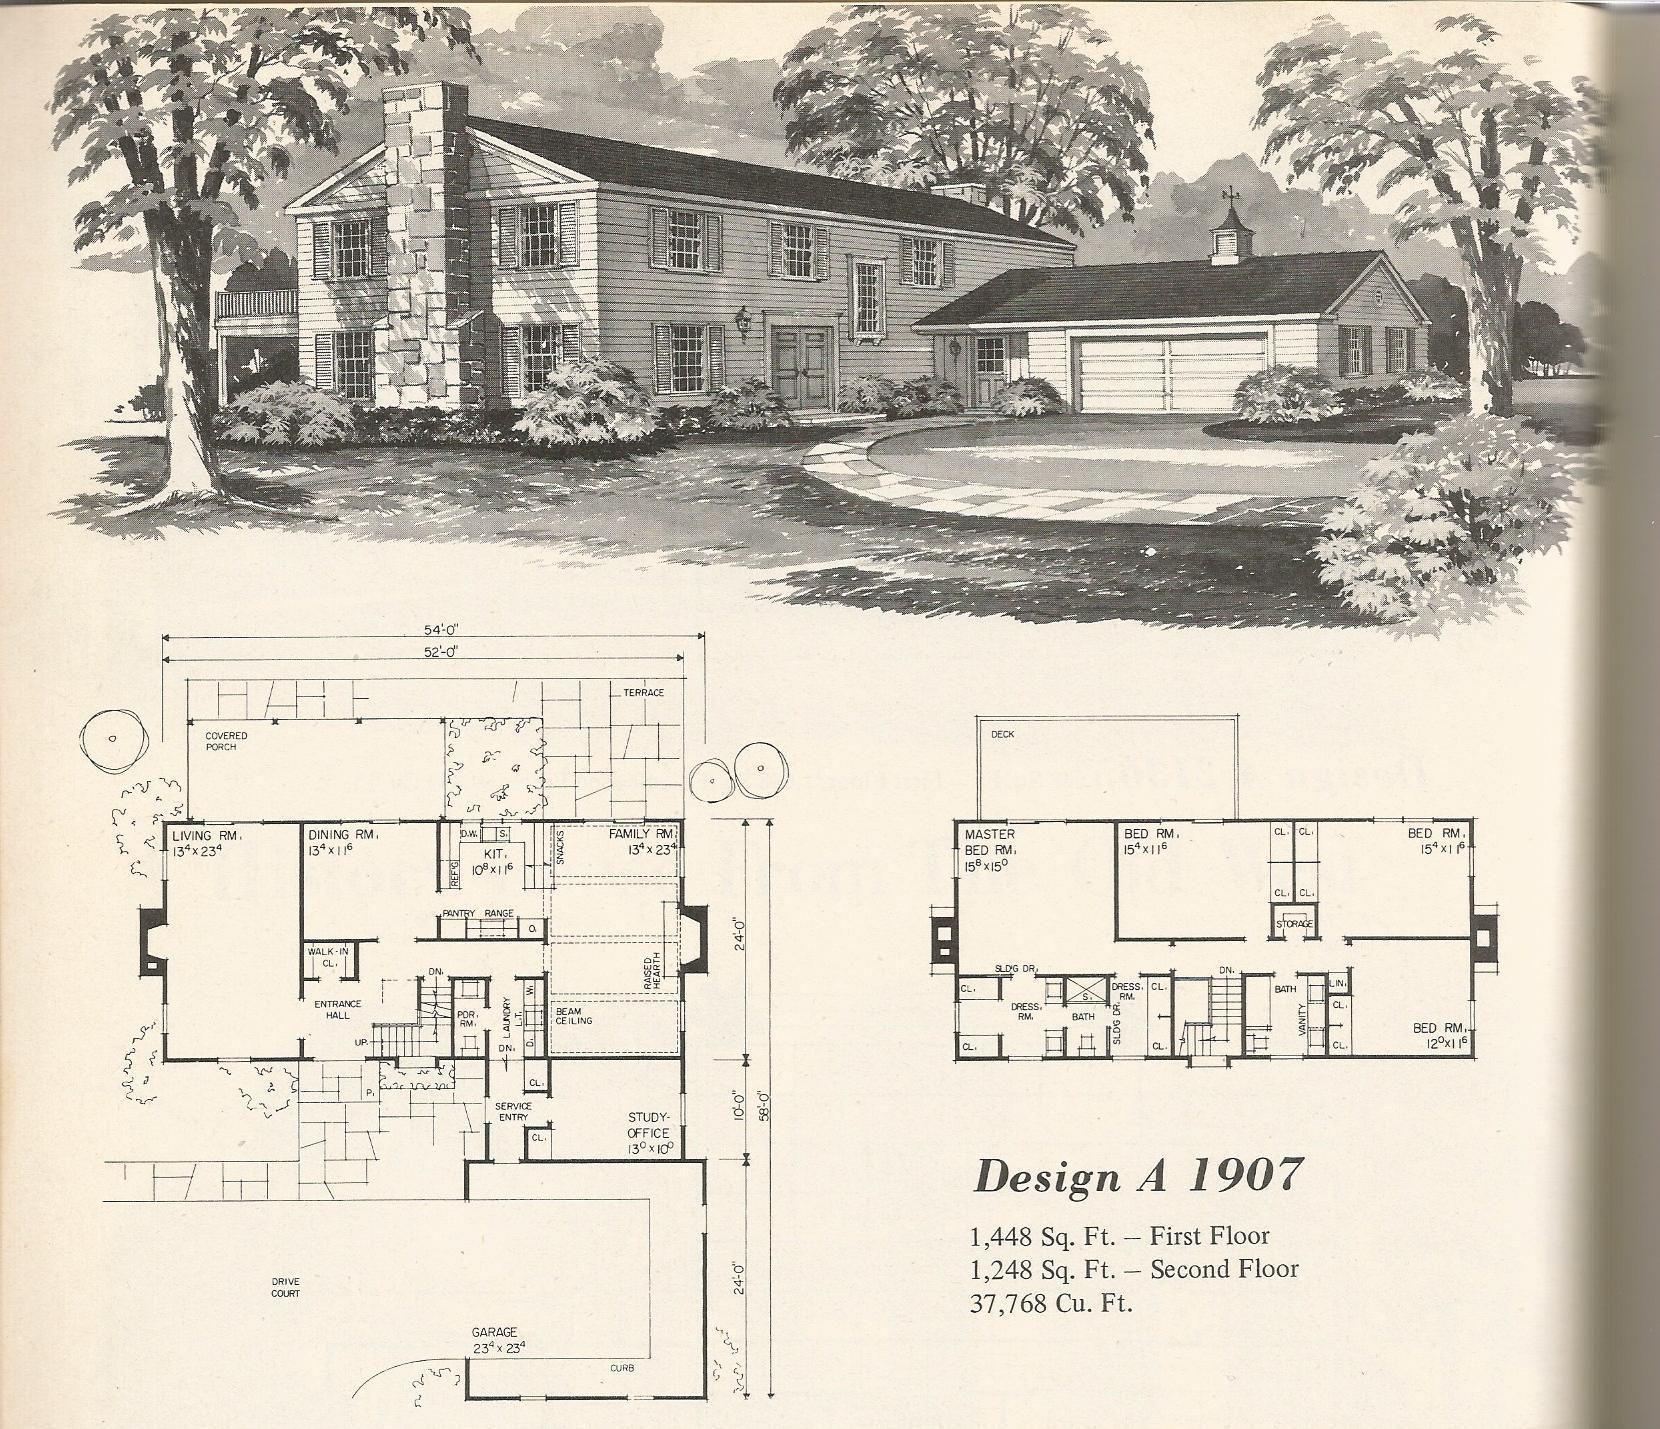 Vintage Home Plans Old West 1907 Vintage House Plans Vintage